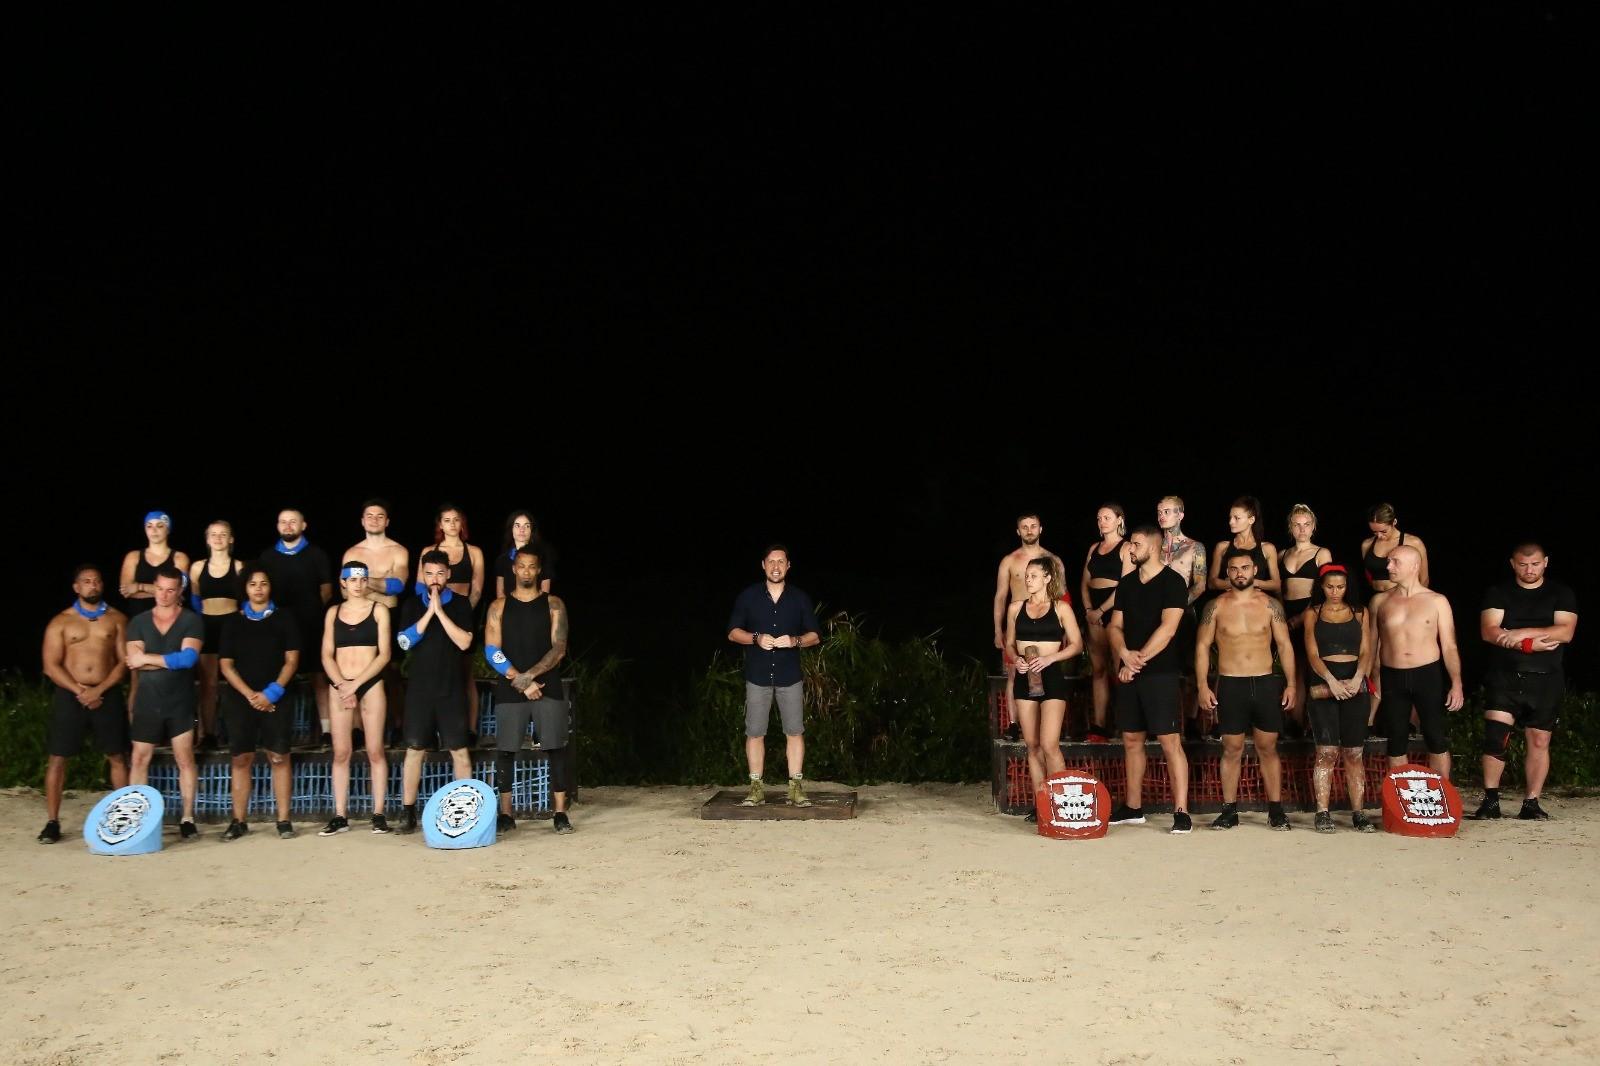 Cand se difuzeaza Survivor Romania 2021, sezonul 2! Emisiunea va fi pe TV de joi pana duminica, de la ora 20:00